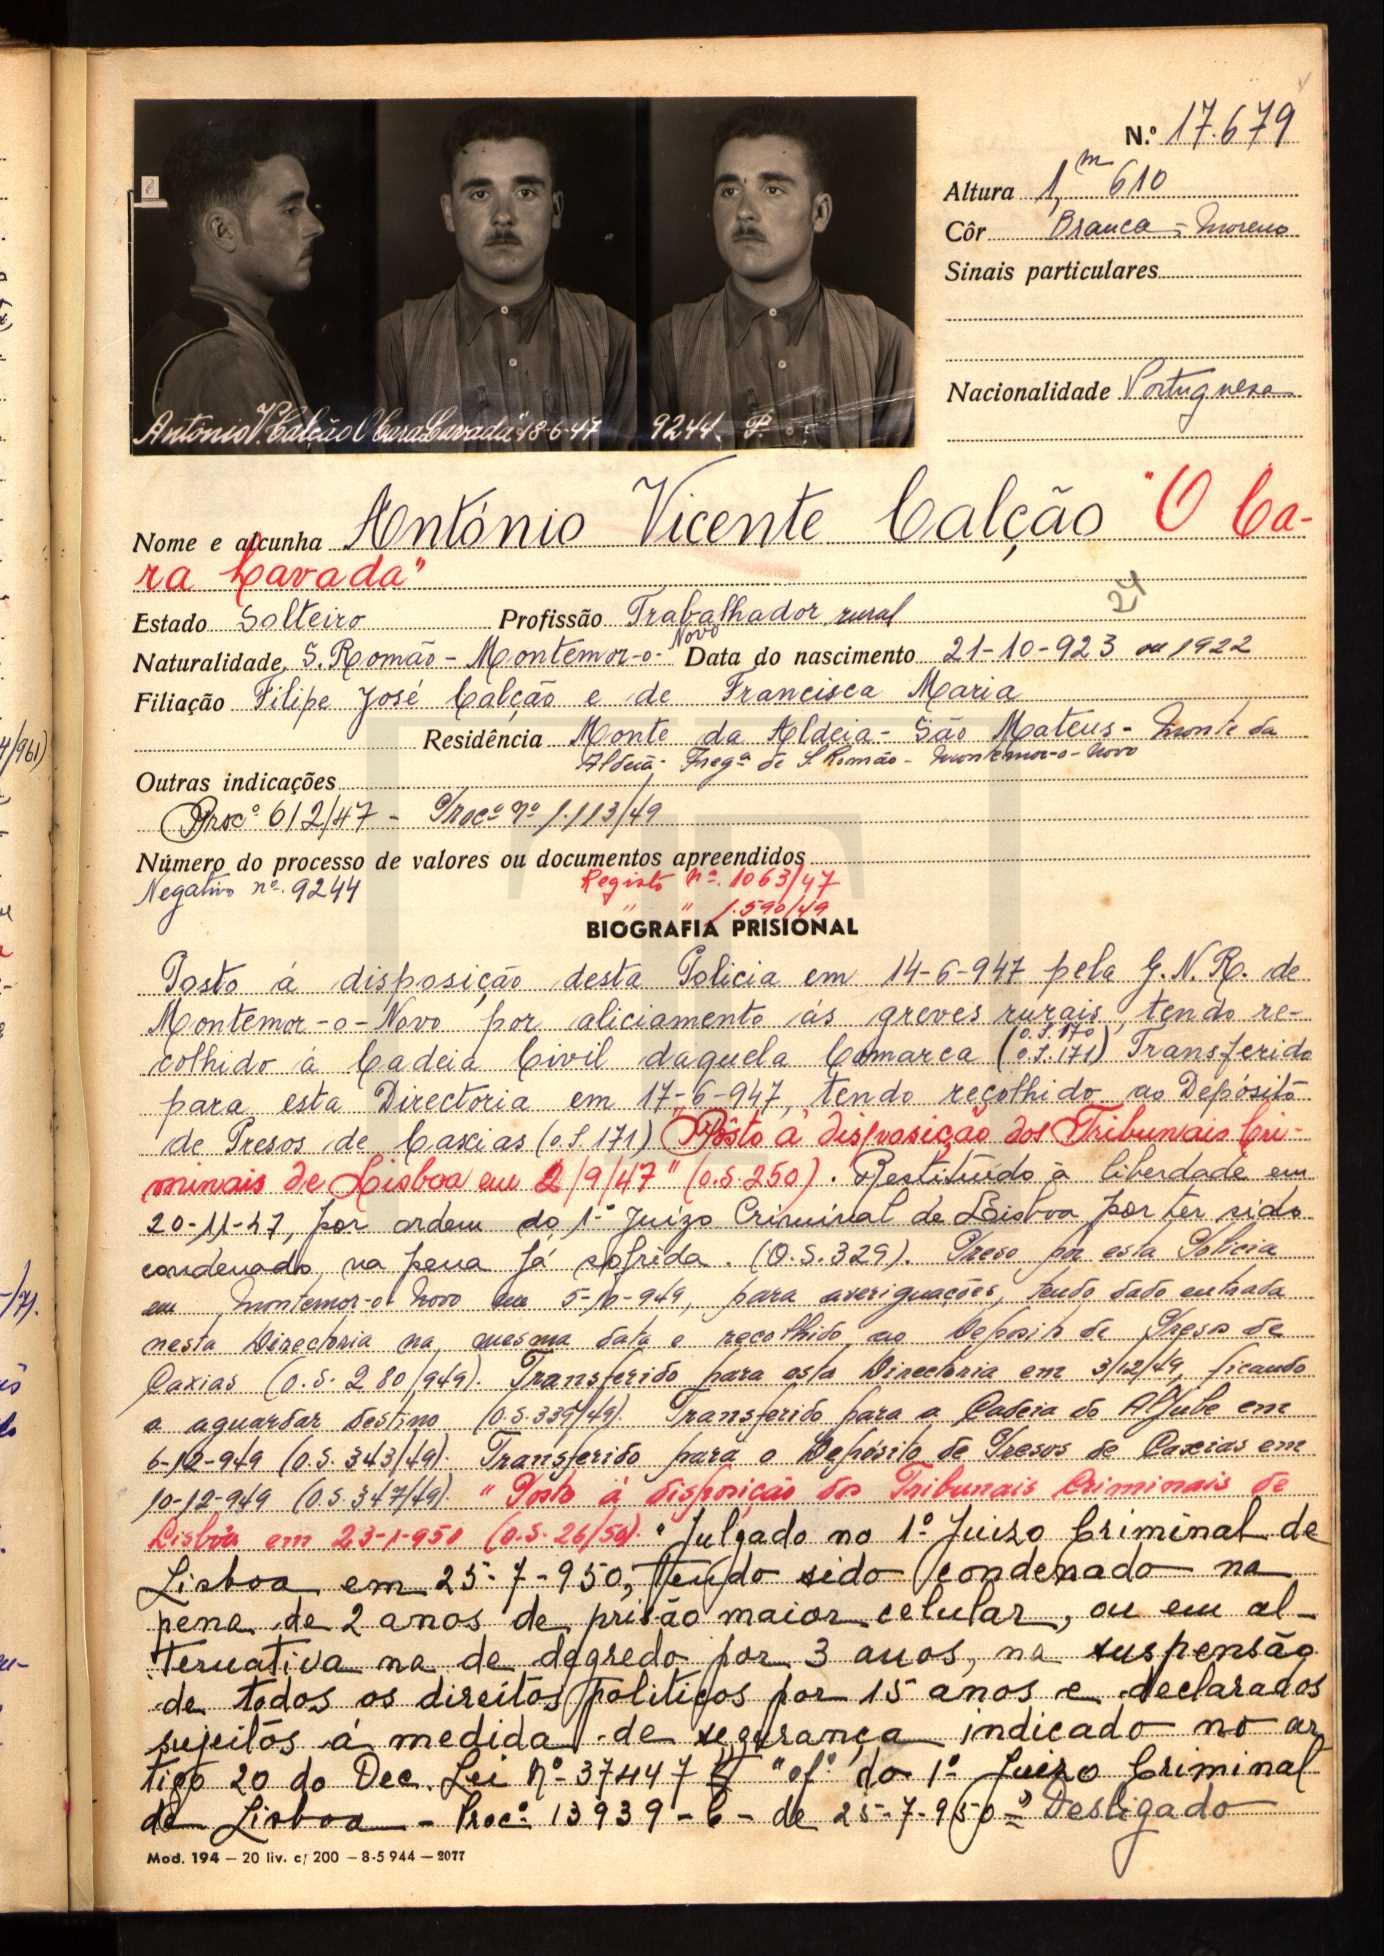 António Vicente Calção (digitarq.arquivos.pt)